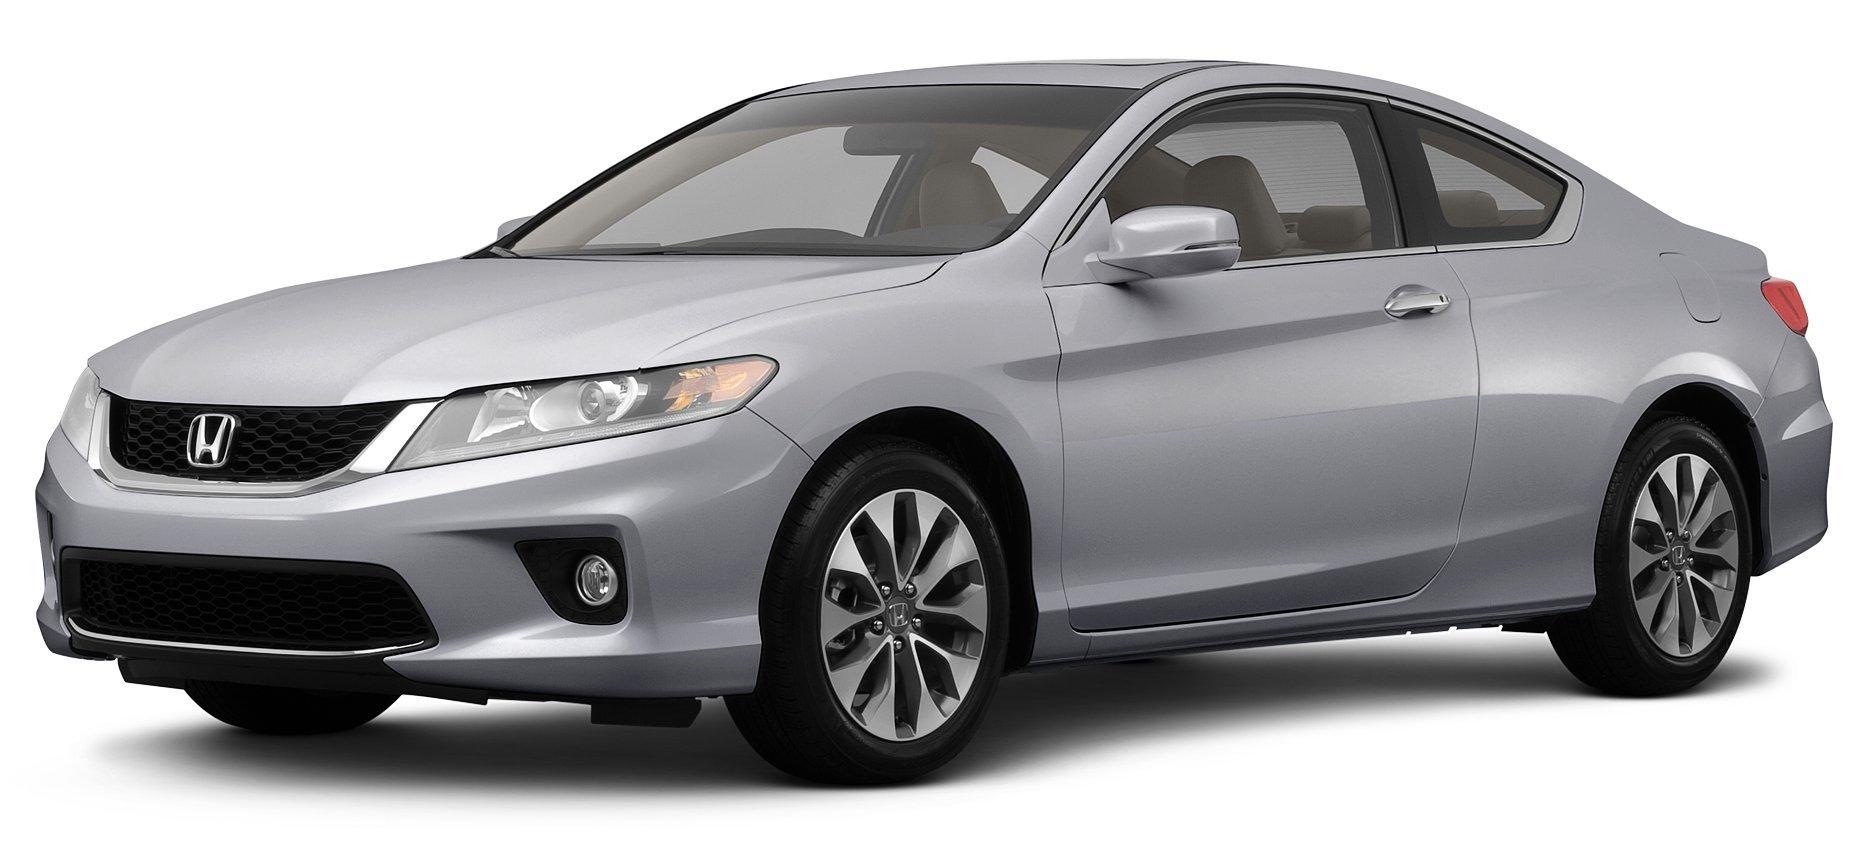 Honda Accord Bbs Rims Along With 2001 Honda Accord Climate Control